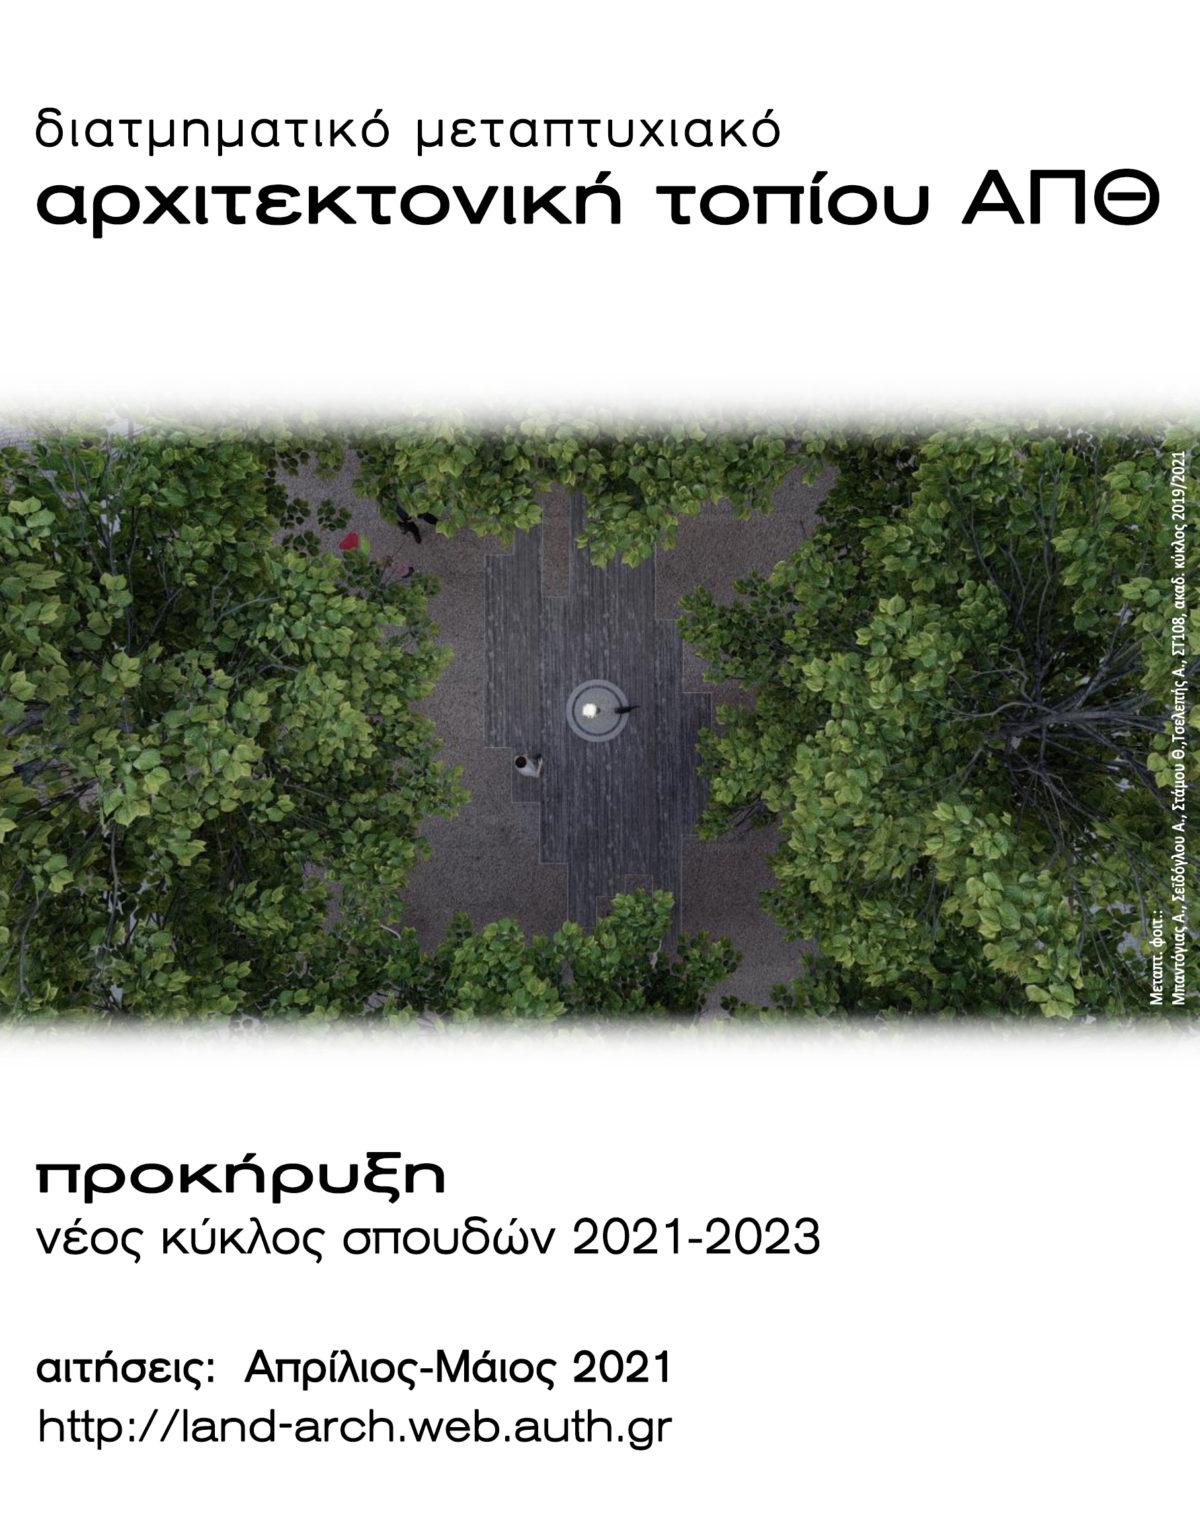 """Διατμηματικό Πρόγραμμα Μεταπτυχιακών Σπουδών (ΔΠΜΣ) του ΑΠΘ, στο αντικείμενο """"Αρχιτεκτονική Τοπίου"""", για τα ακαδημαϊκά έτη 2021-2023"""